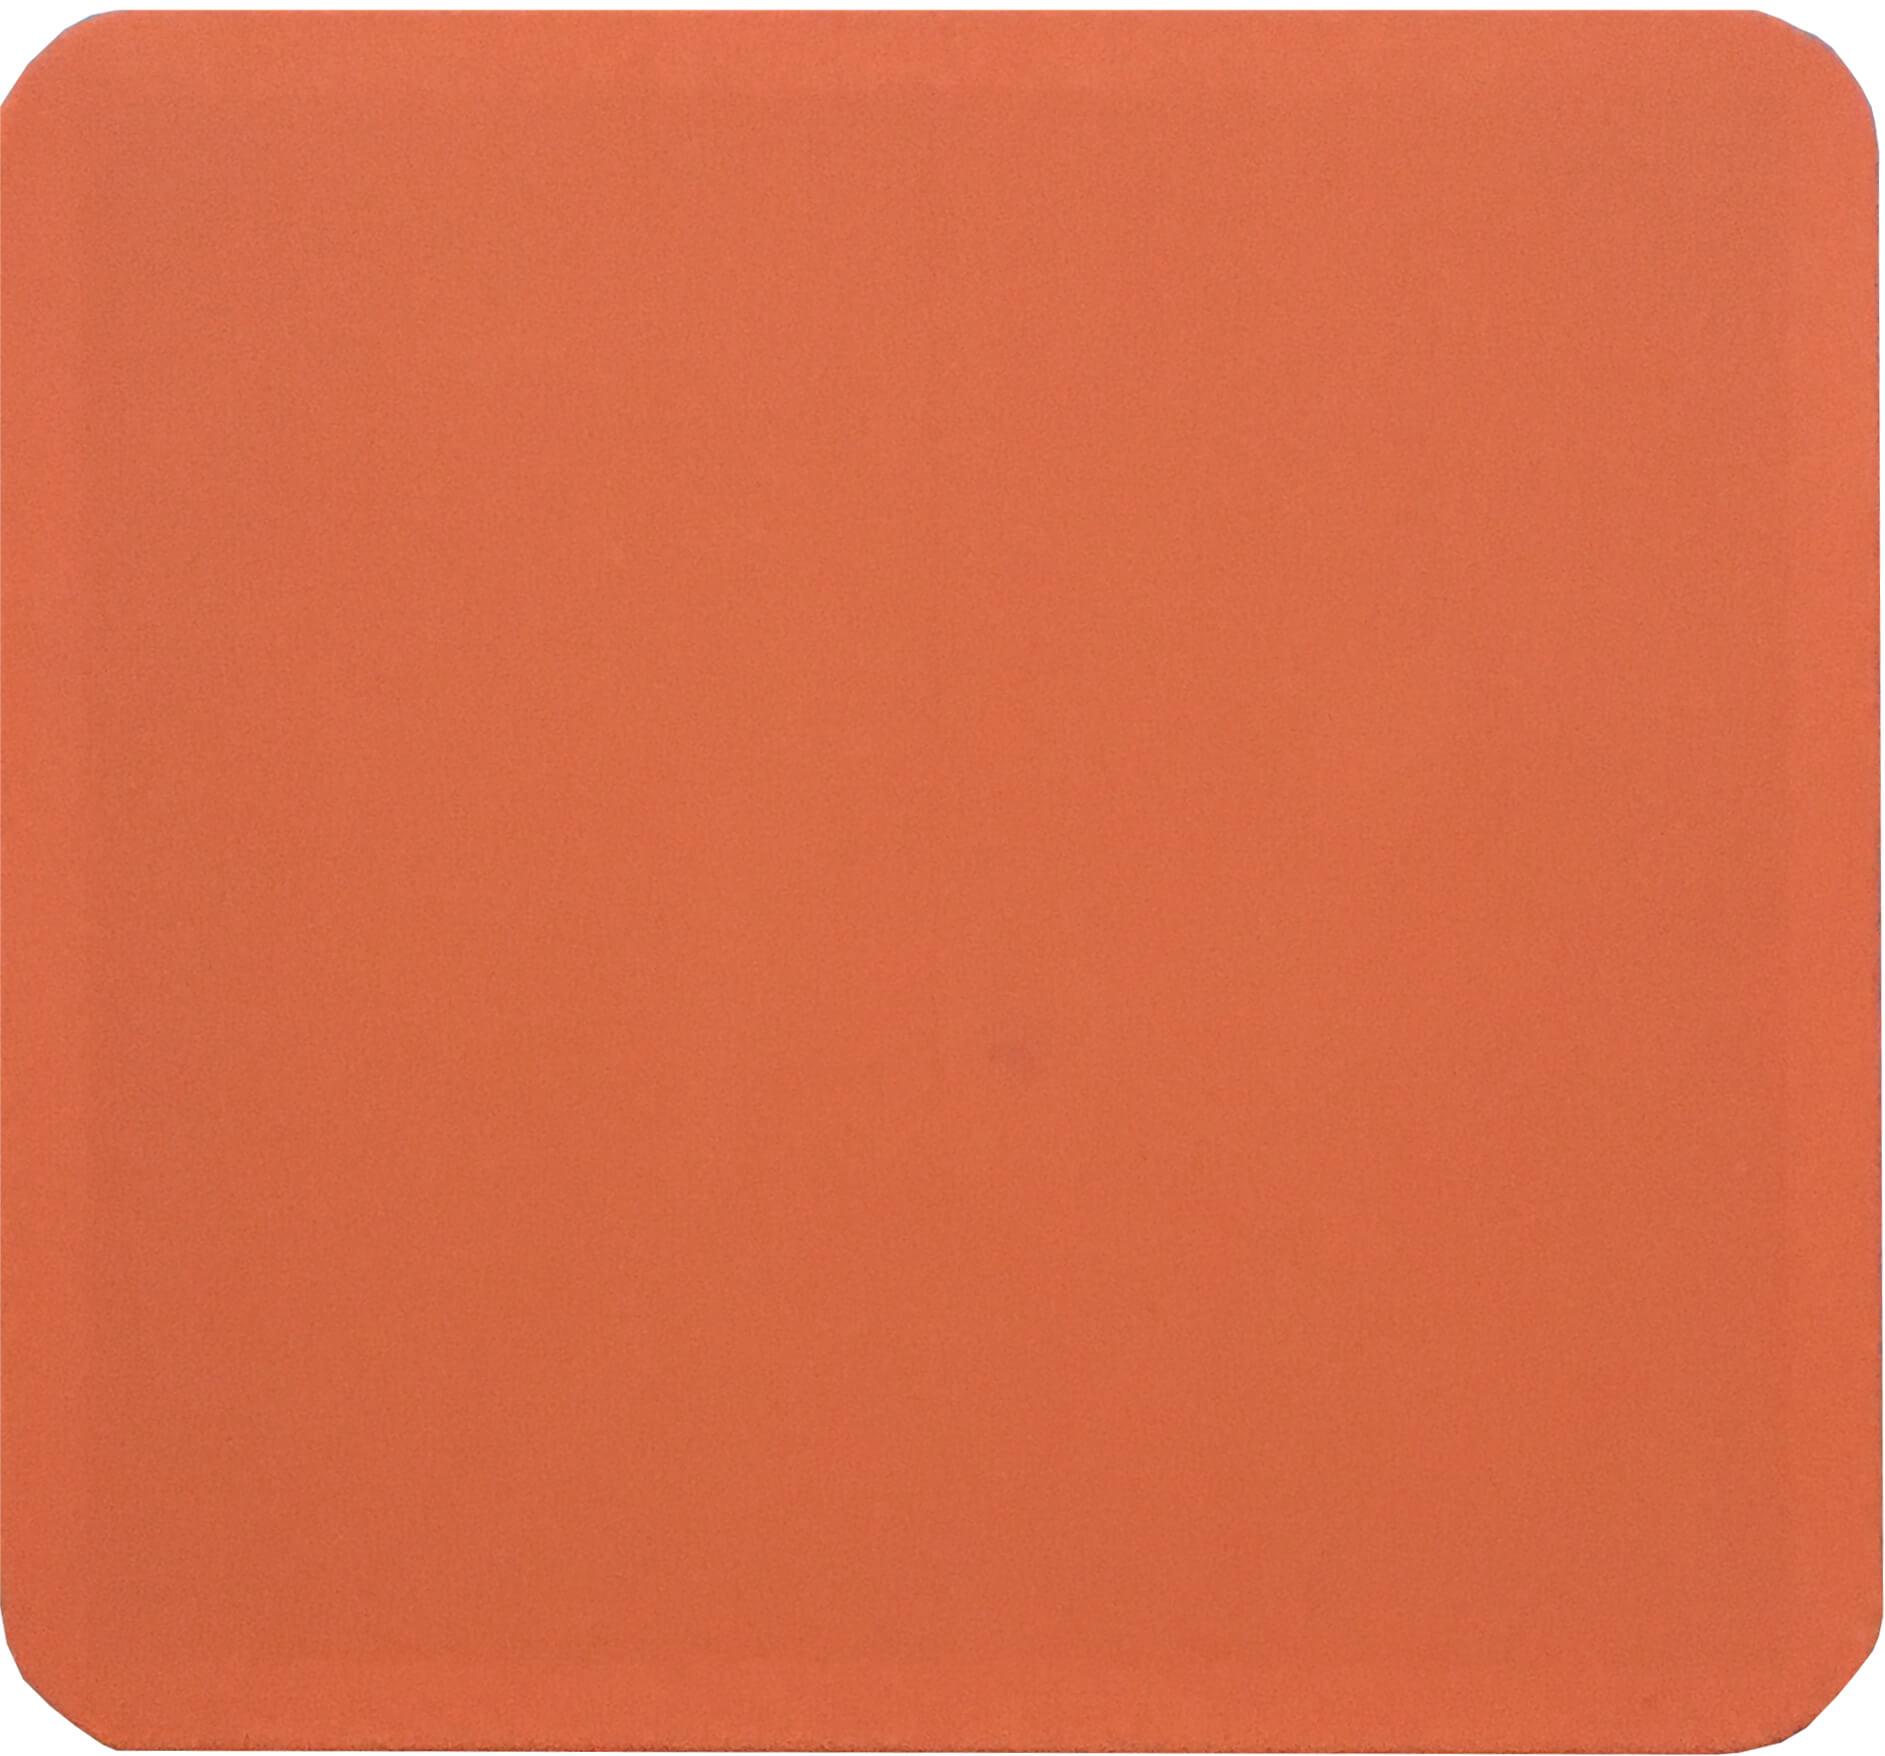 IKEA Galant Sichtschutz für Schreibtisch 60x64cm orange 901 818